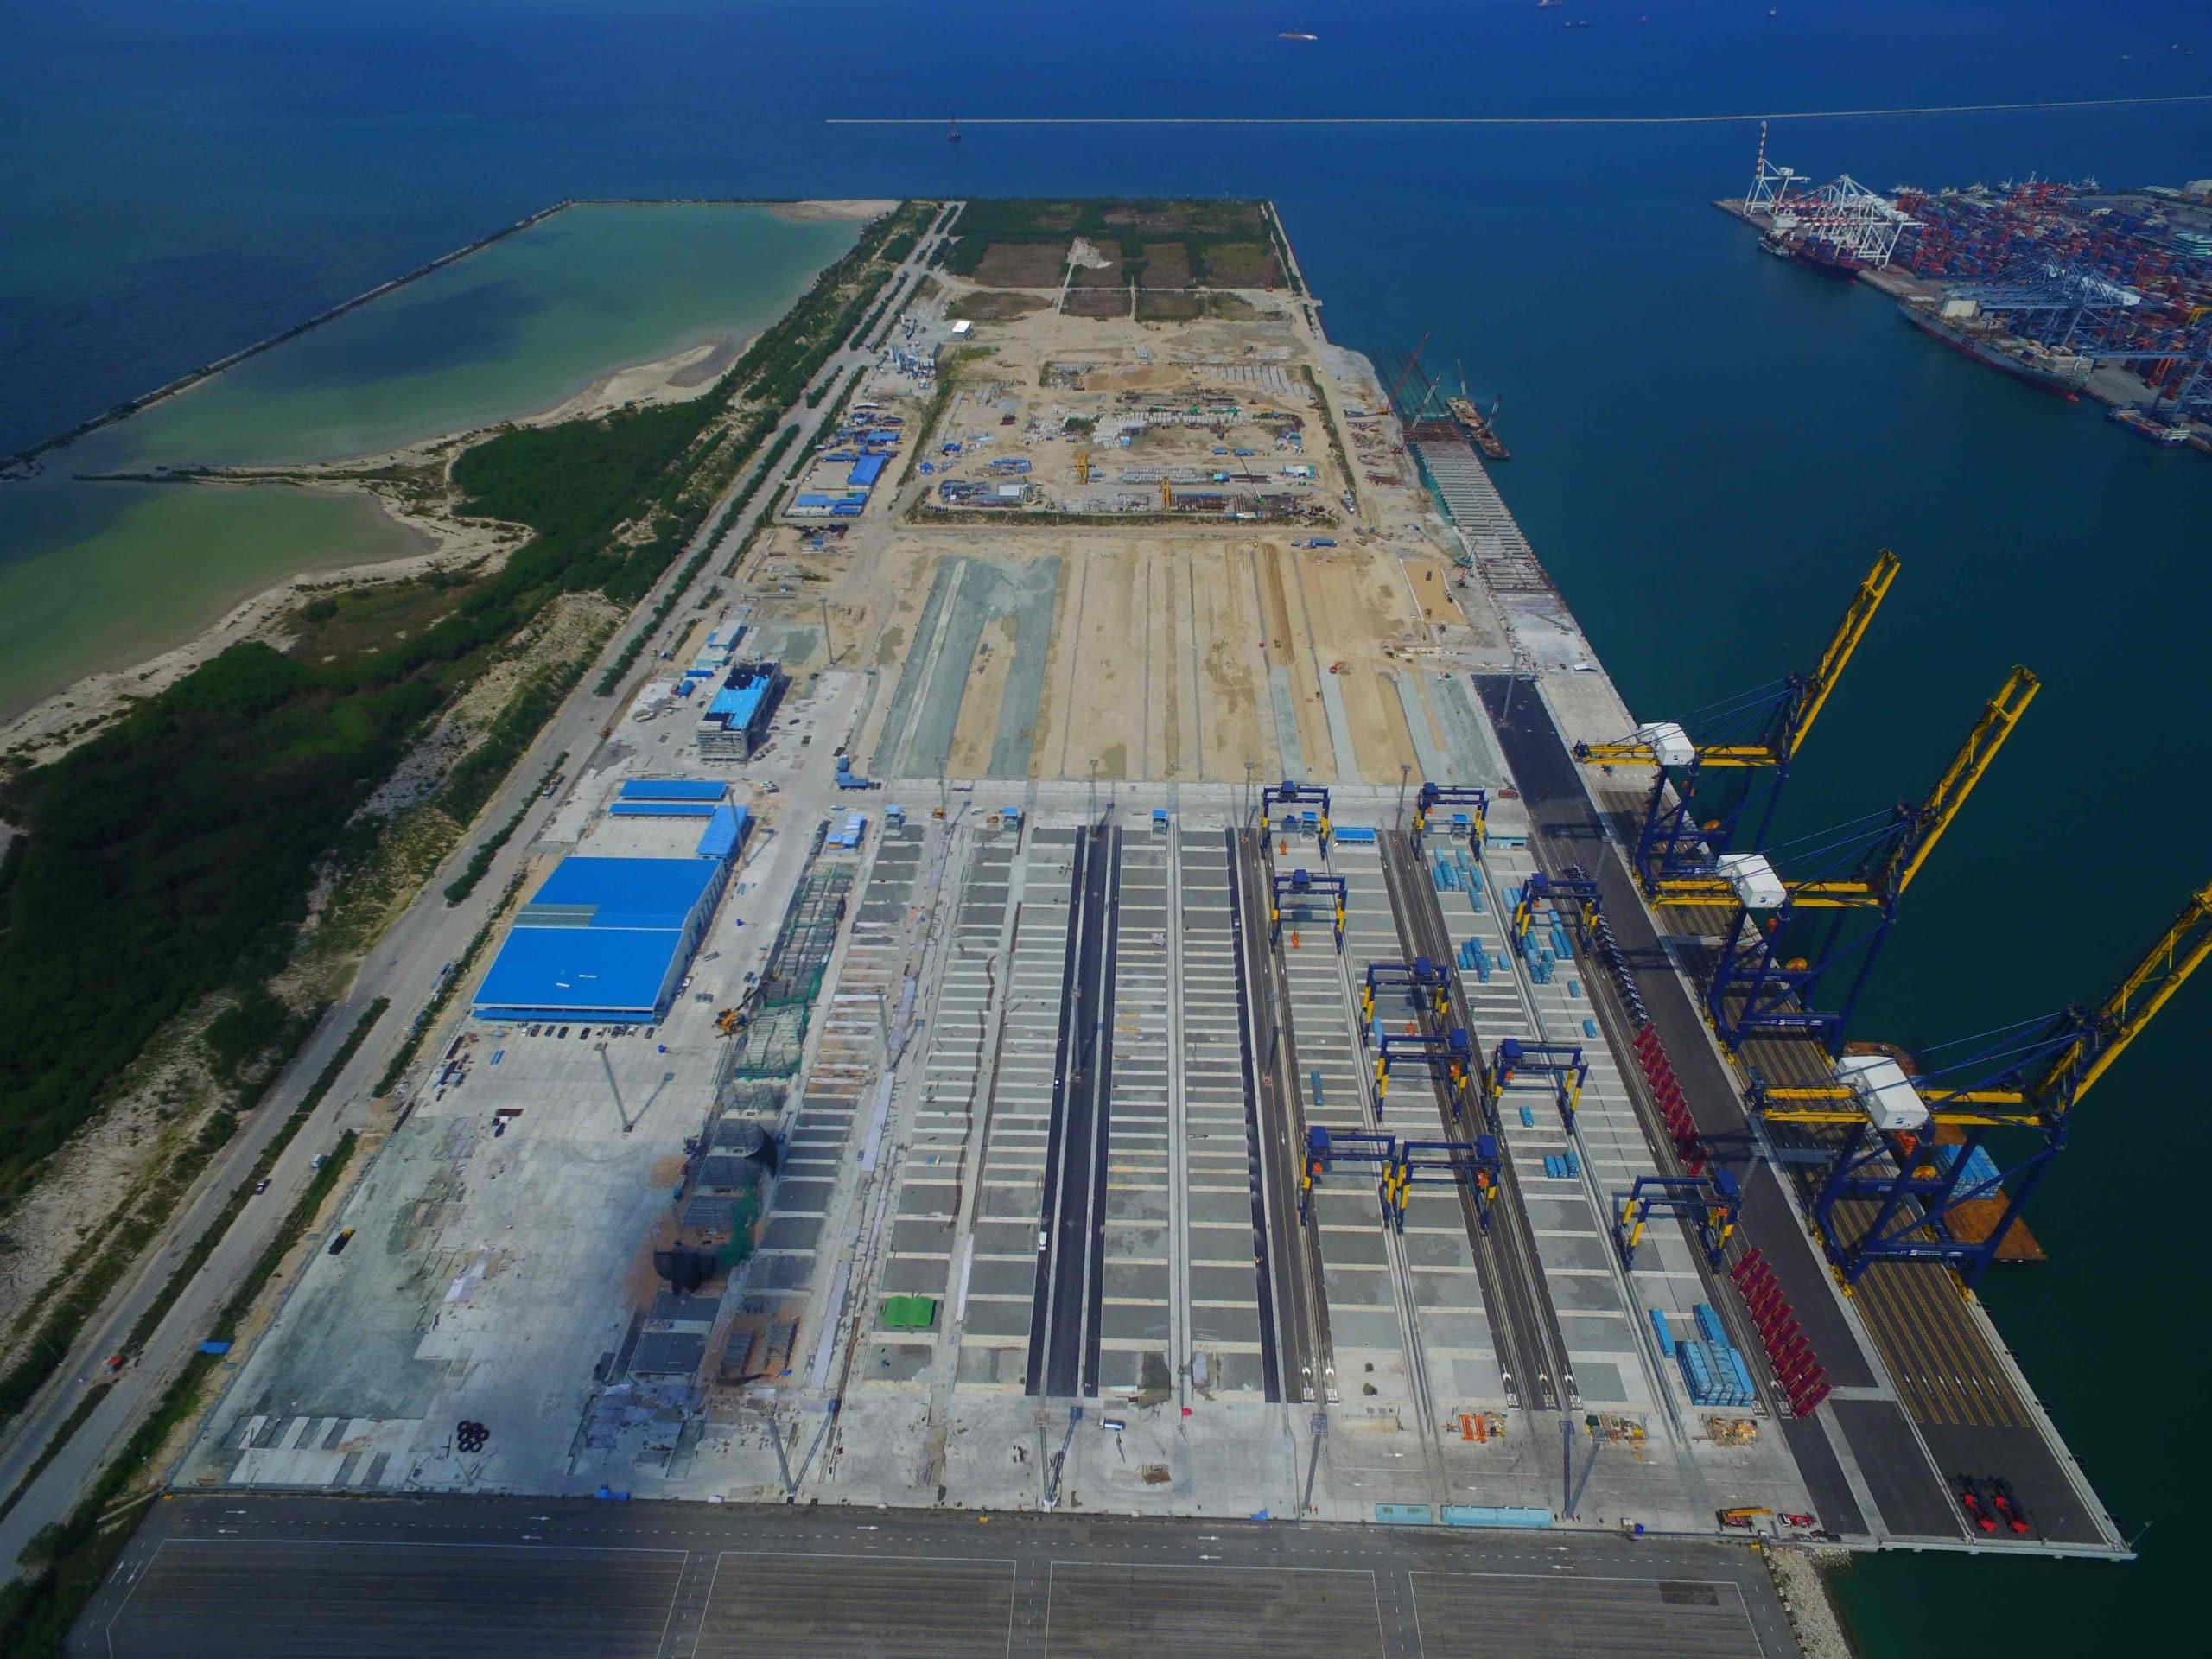 ฮัทชิสัน พอร์ท เปิดตัวโครงการท่าเทียบเรือชุด D ในท่าเรือแหลมฉบัง